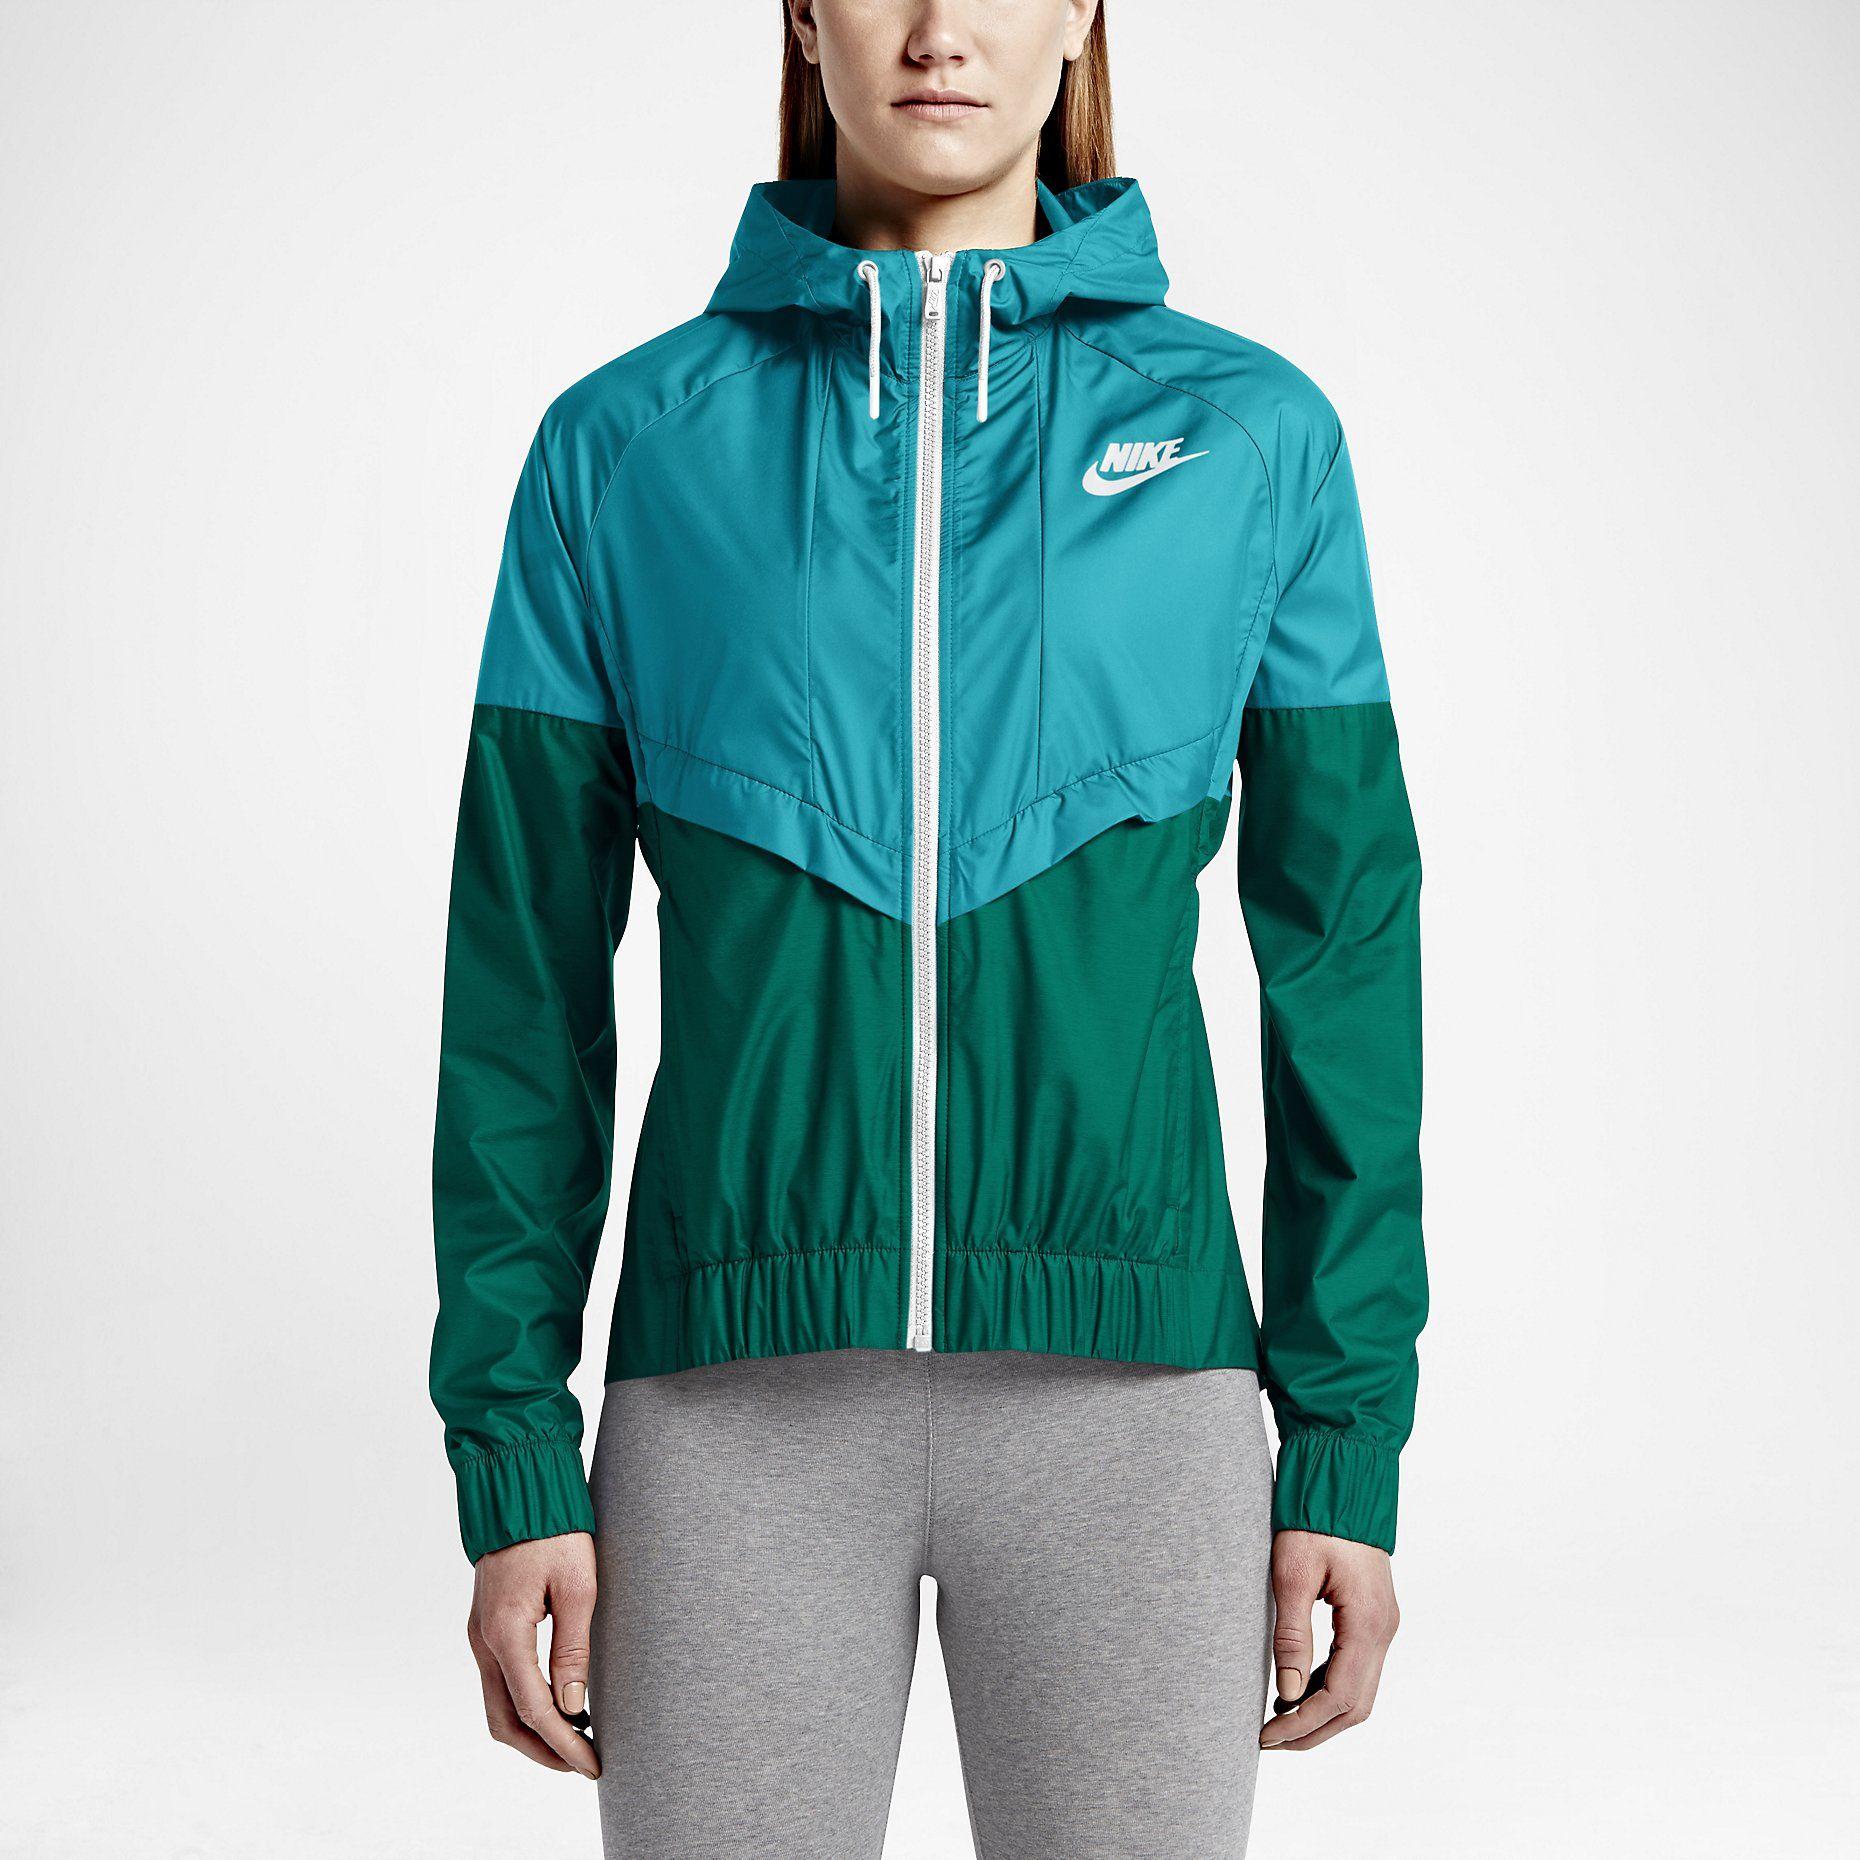 Nike Windrunner Women's Jacket. | Nike windrunner